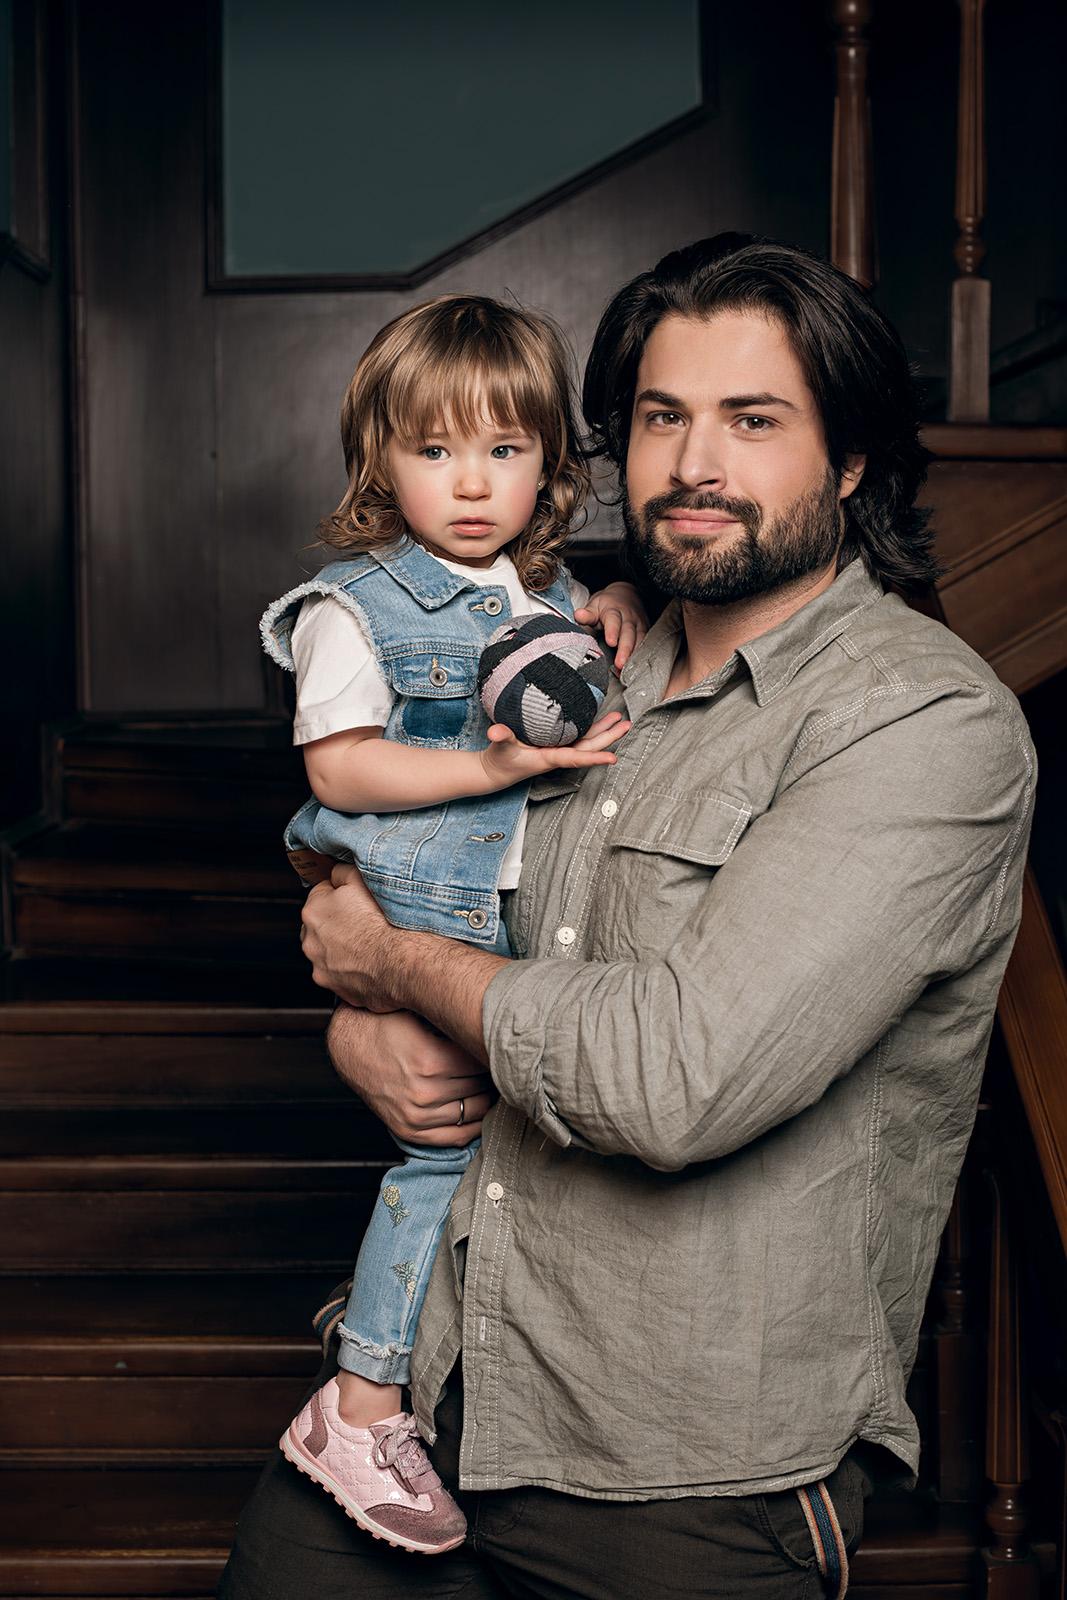 Владимир Ткаченко снялся в фотосессии с дочерью Соломией